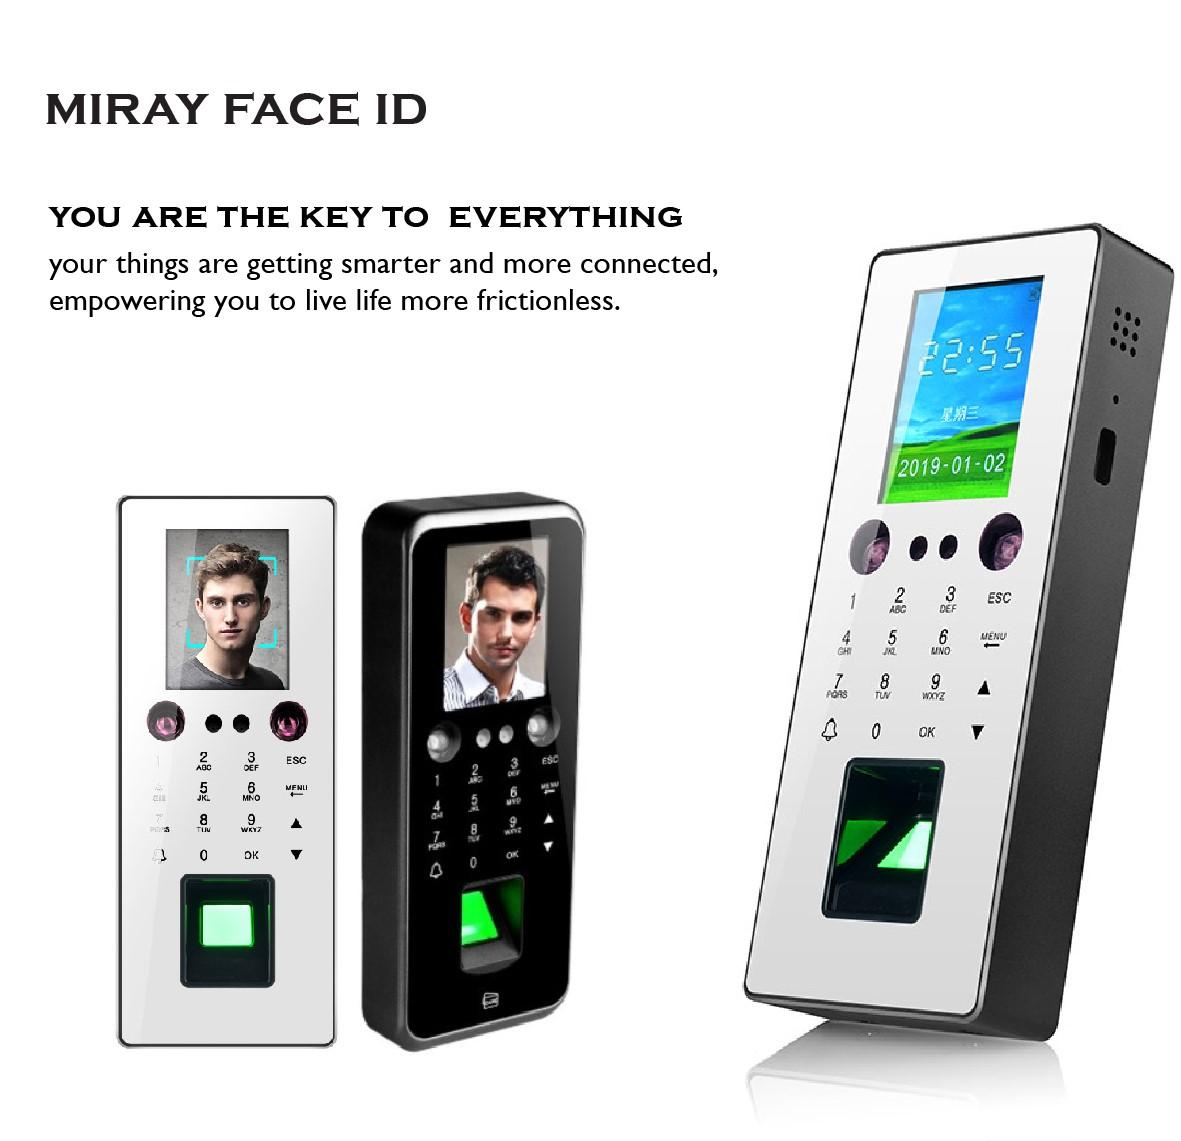 تشخیص چهره هوشمند میرای